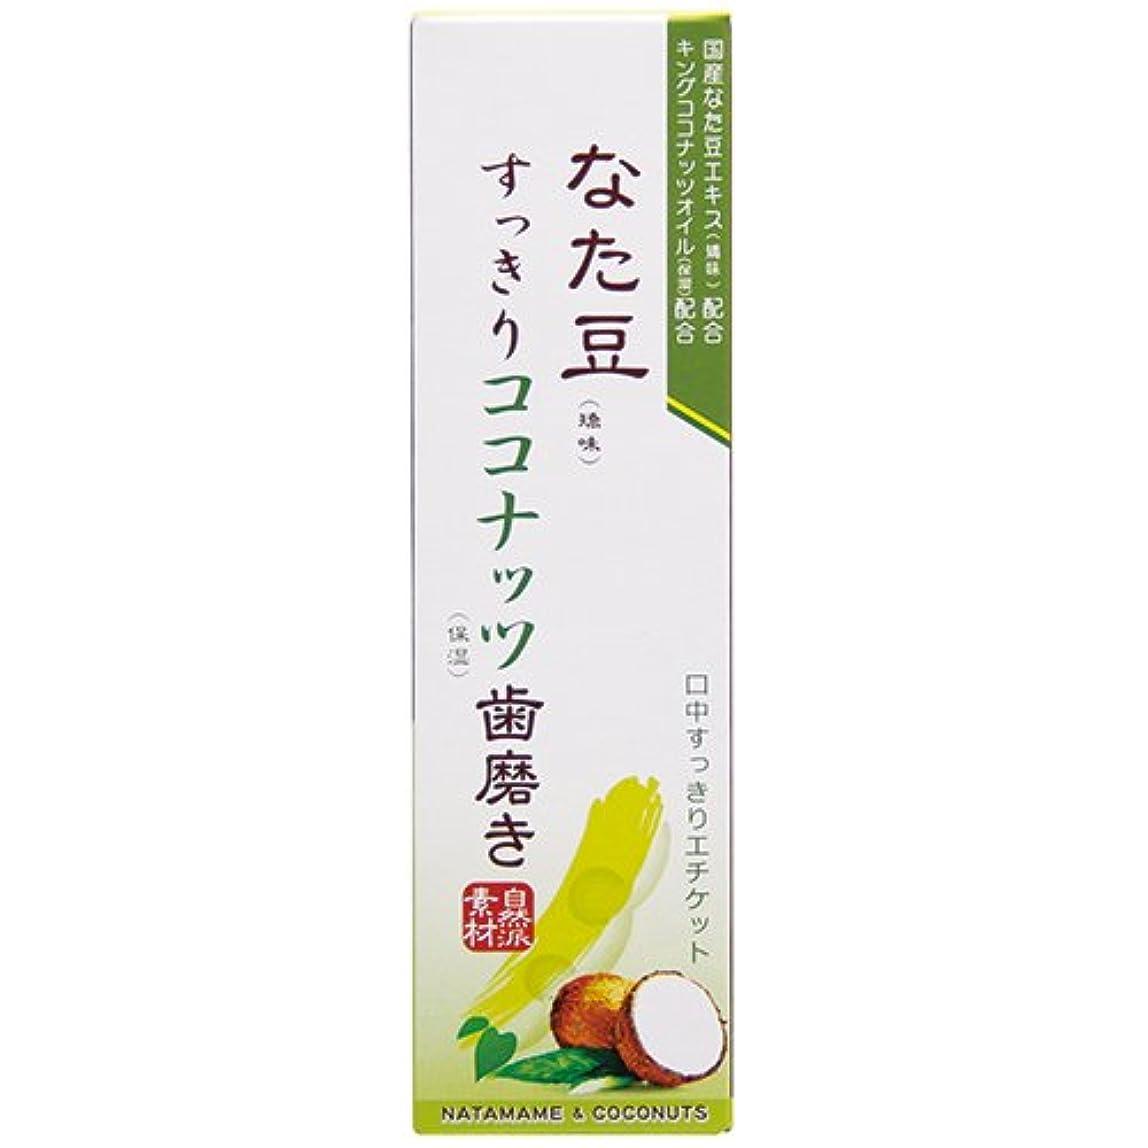 補う害可能にするB.COCORO(ビーココロ) なた豆すっきり ココナッツ歯磨き